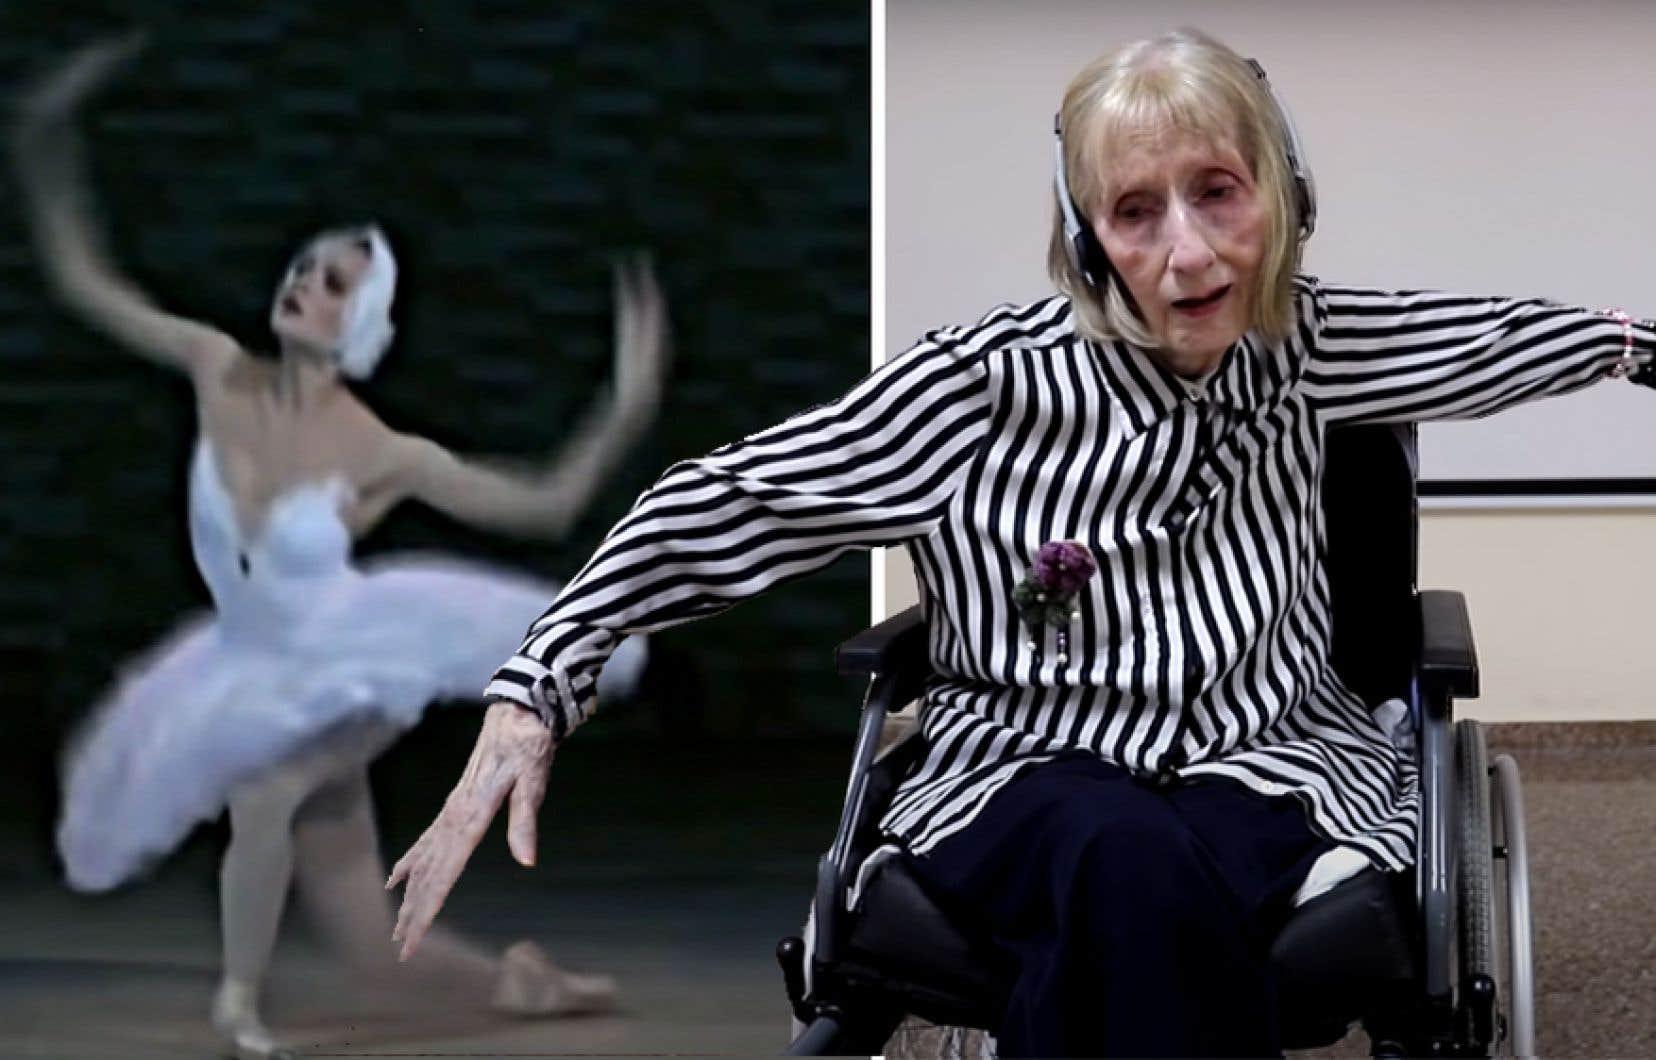 Marta C. González, atteinte de la maladie d'Alzheimer, a soudainement recouvré la mémoire de ses années de gloire en tant que ballerine en écoutant Le lac des cygnes de Tchaïkovski. La vidéo filmée par une association espagnole est devenue virale sur les réseaux sociaux l'automne dernier.